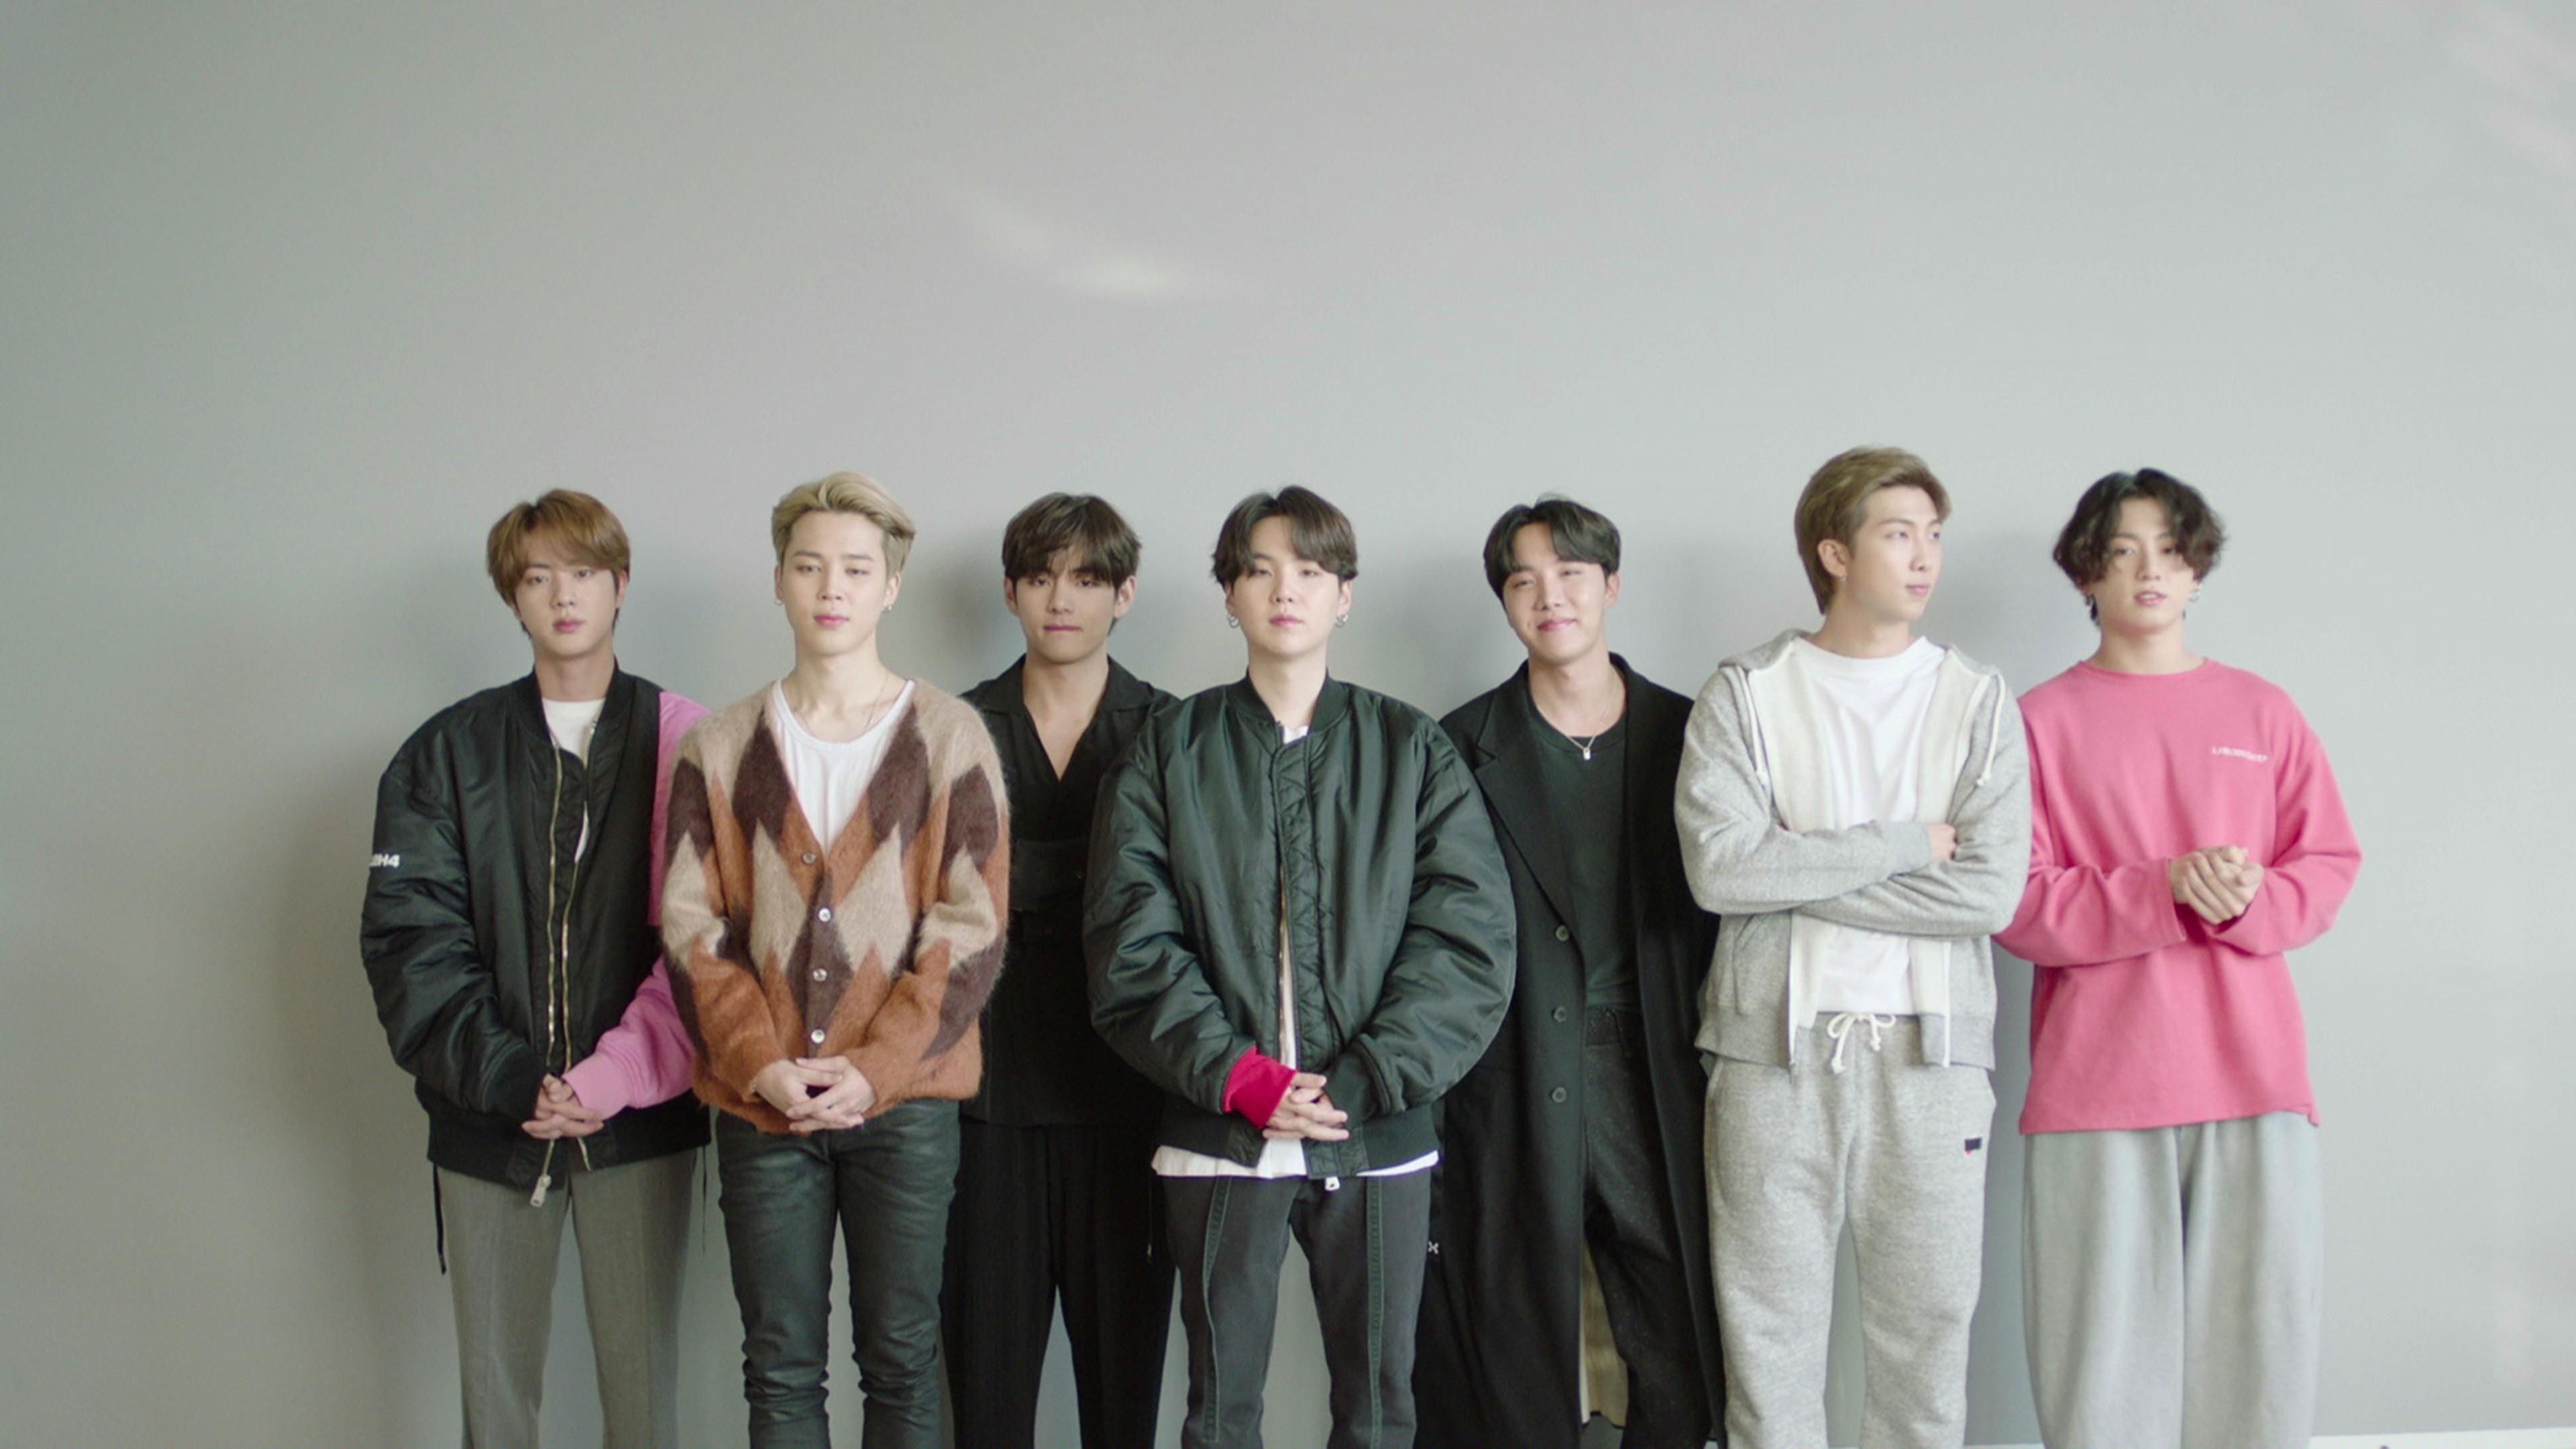 Grupo BTS é nomeado maior artista global de 2020 pela Federação Internacional da Indústria Fonográfica